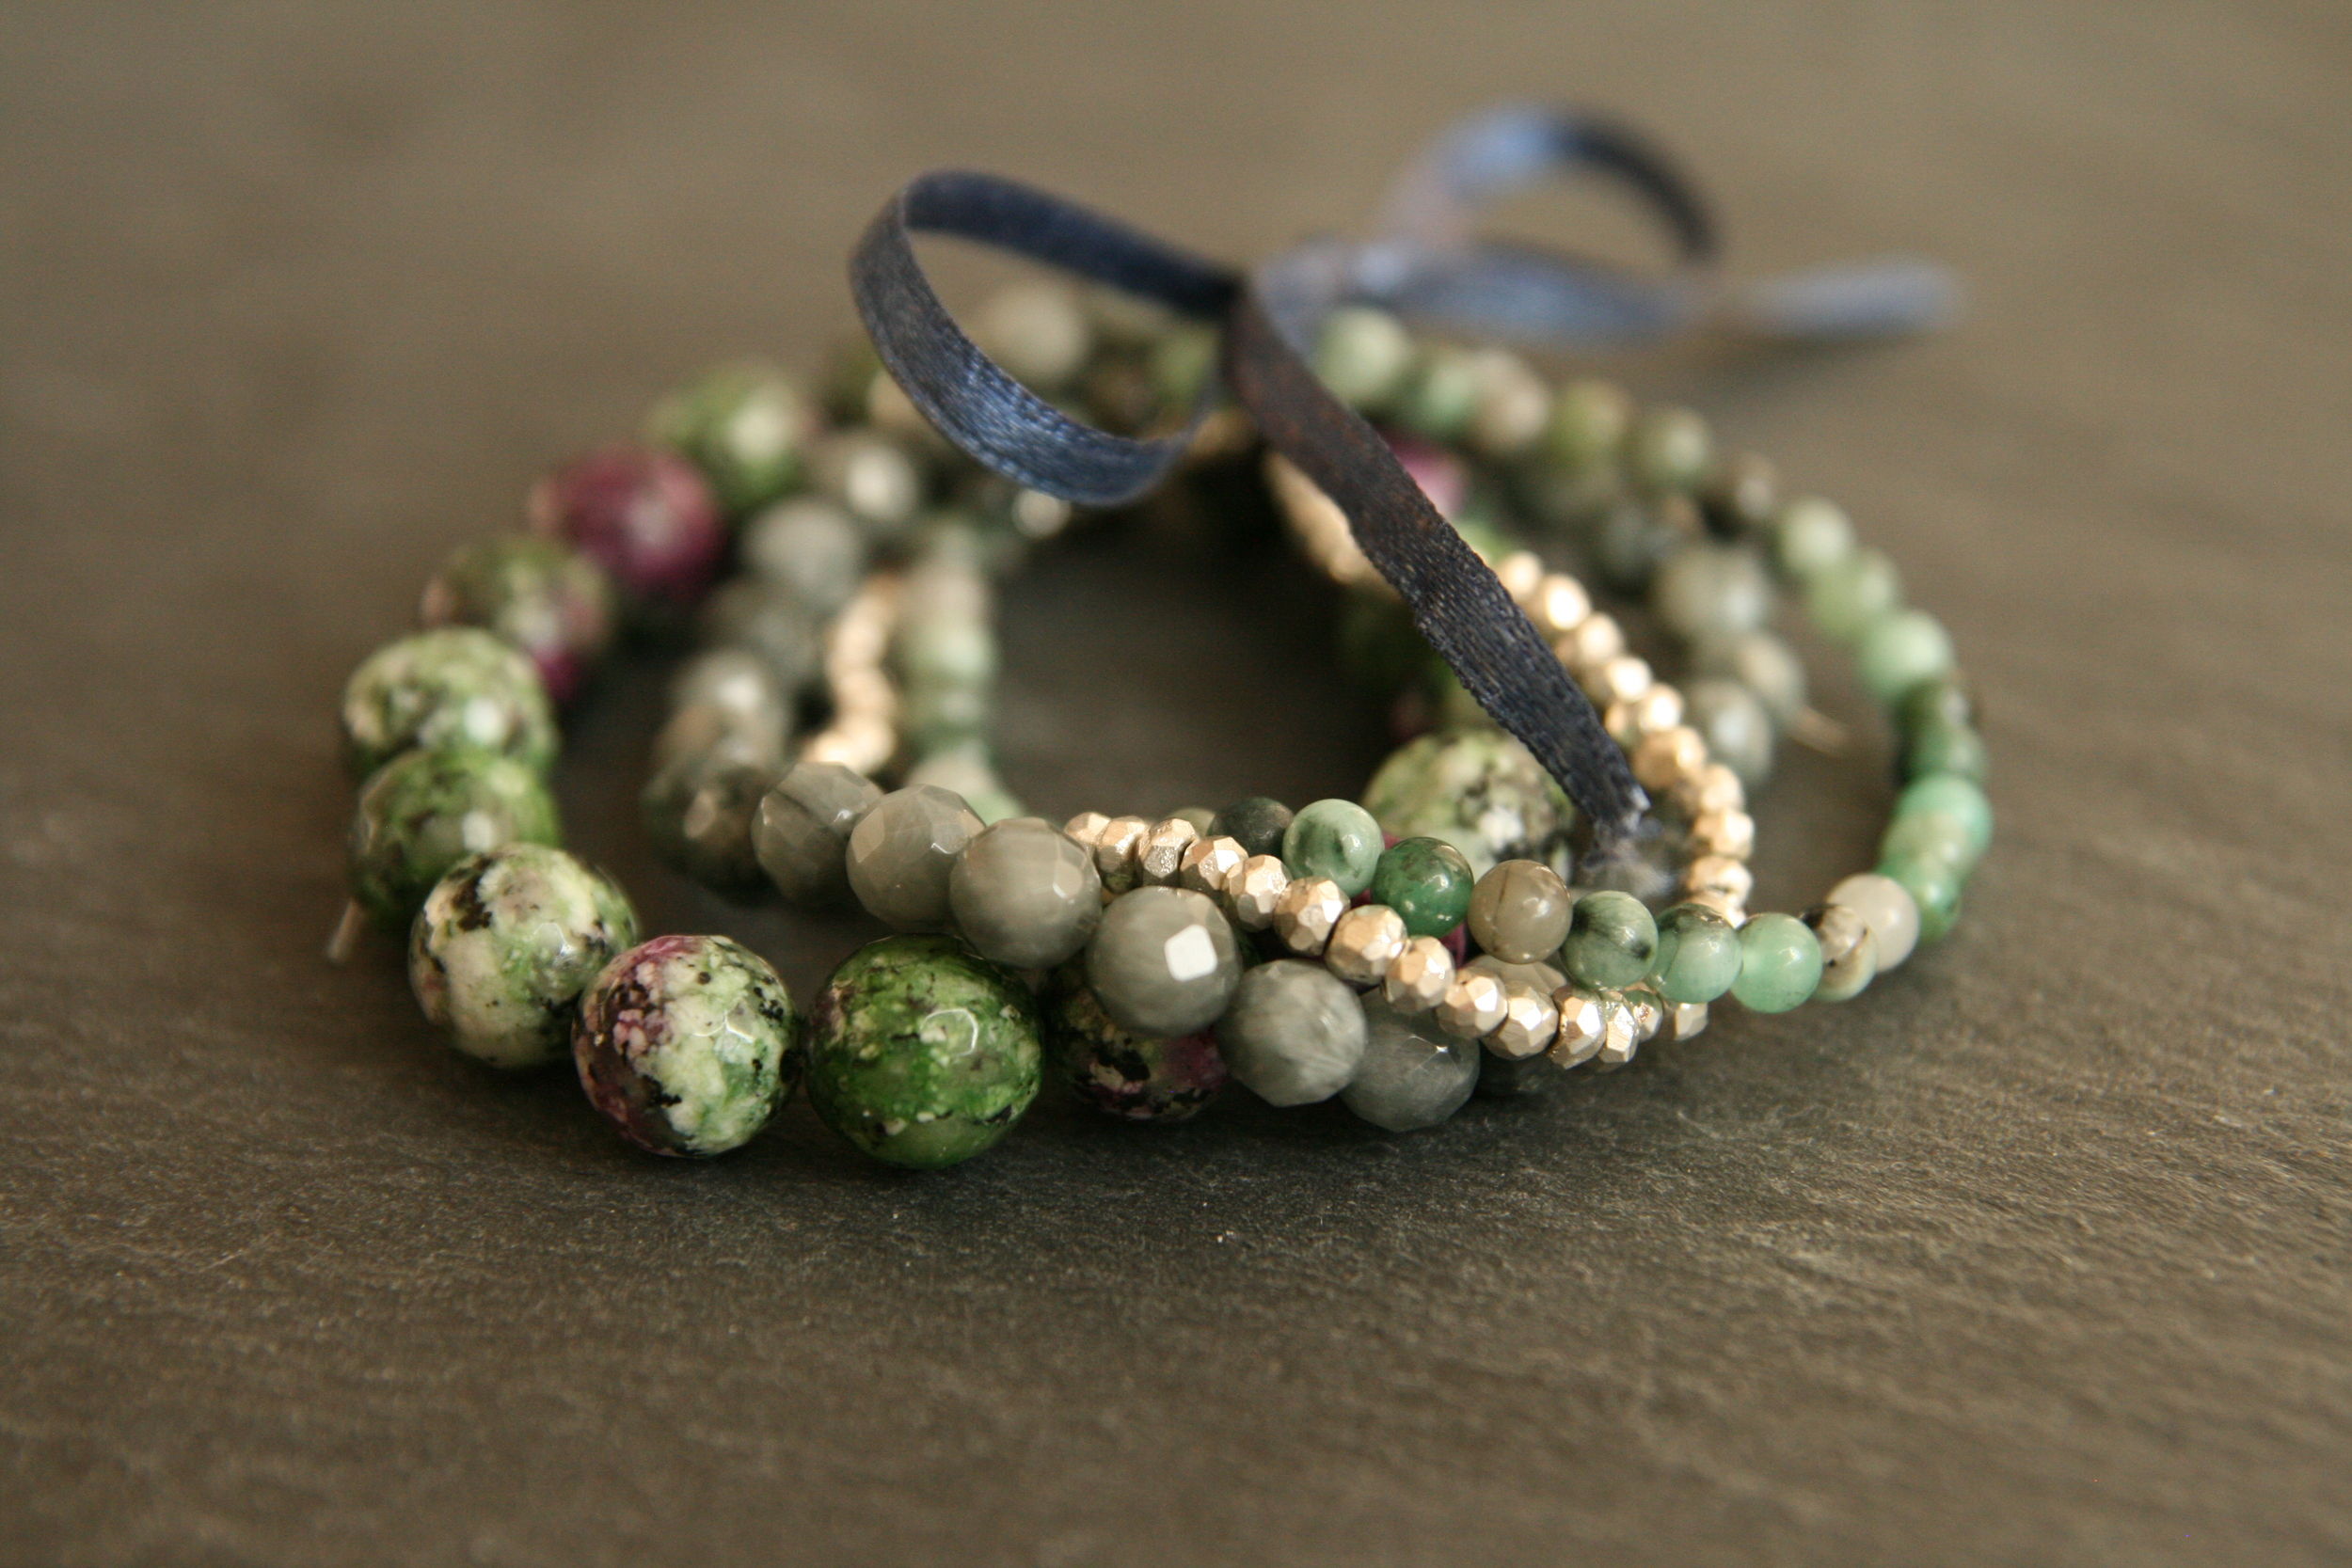 STEINZEIT   Vier  Stück Armbänder aus Rubin-Zoisit, Smaragd, Katzenauge und silber farbiger  Pyrit zu einem Kombinationsarmband lose zusammengefasst. Steingrößen von ca.  3mm-10mm.    BESTELLEN >>   59€